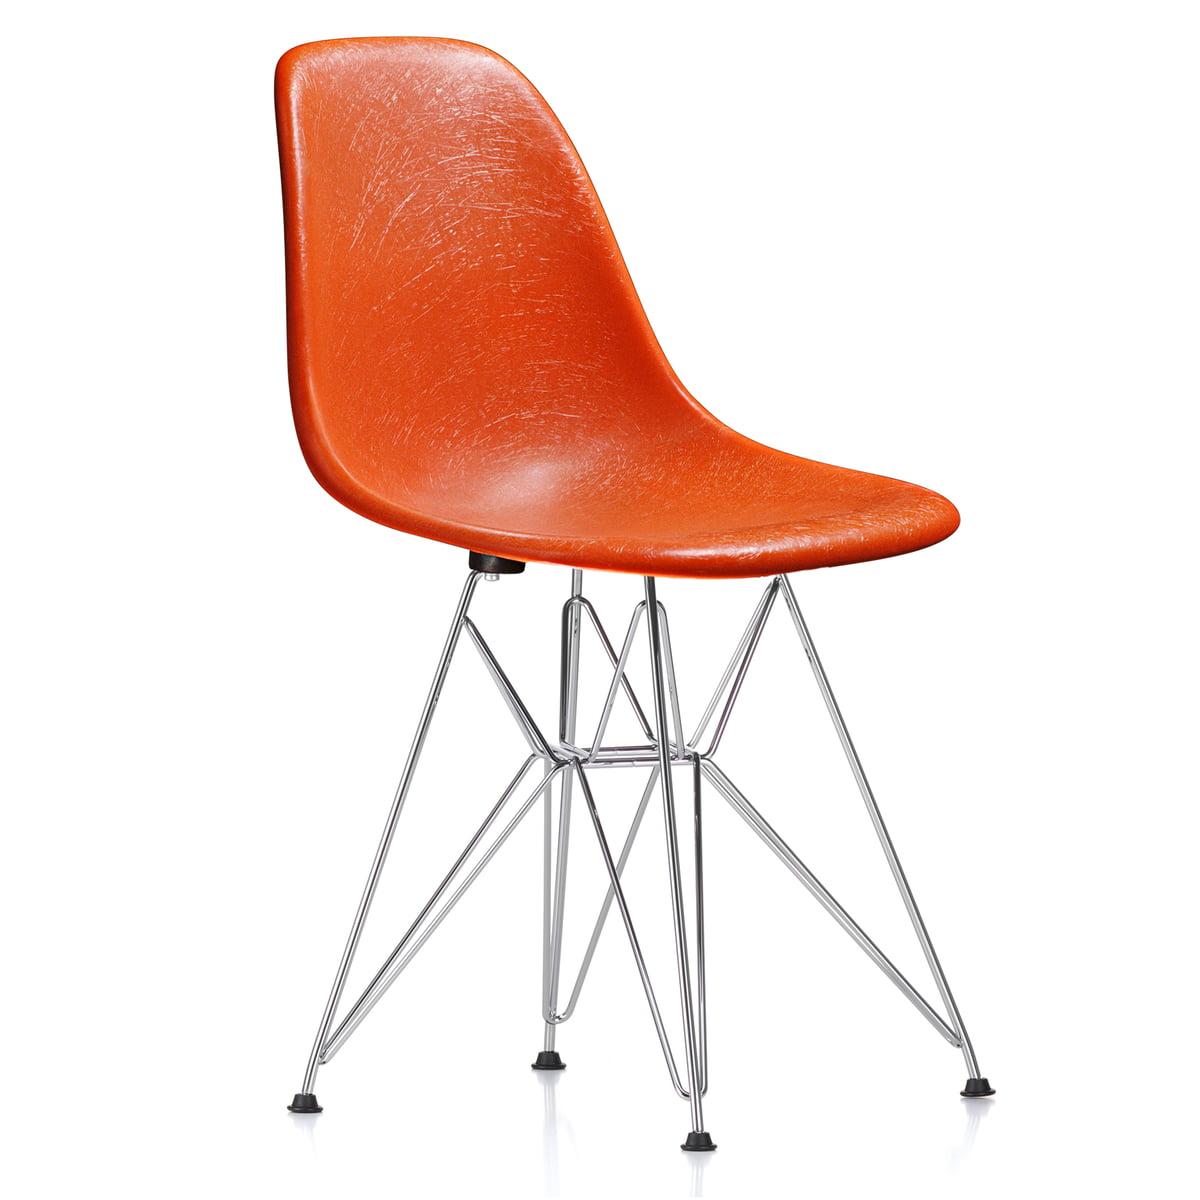 Vitra - Eames Fiberglass Side Chair DSR, verchromt / Eames red orange (Filzgleiter basic dark)   Küche und Esszimmer > Stühle und Hocker > Esszimmerstühle   Rotorange   Vitra